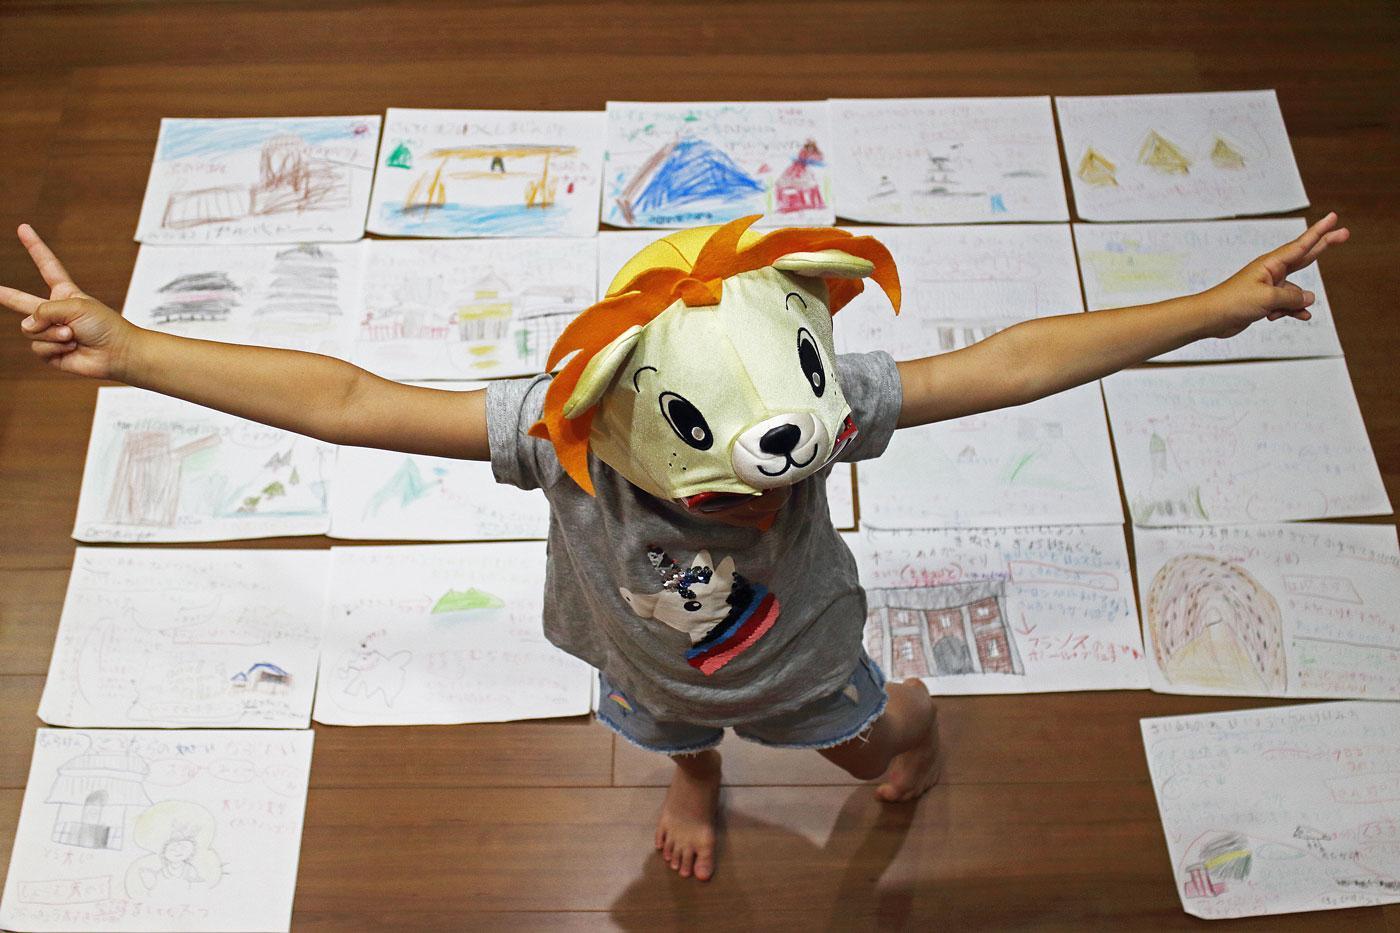 日本の全世界遺産22件を絵に描いた